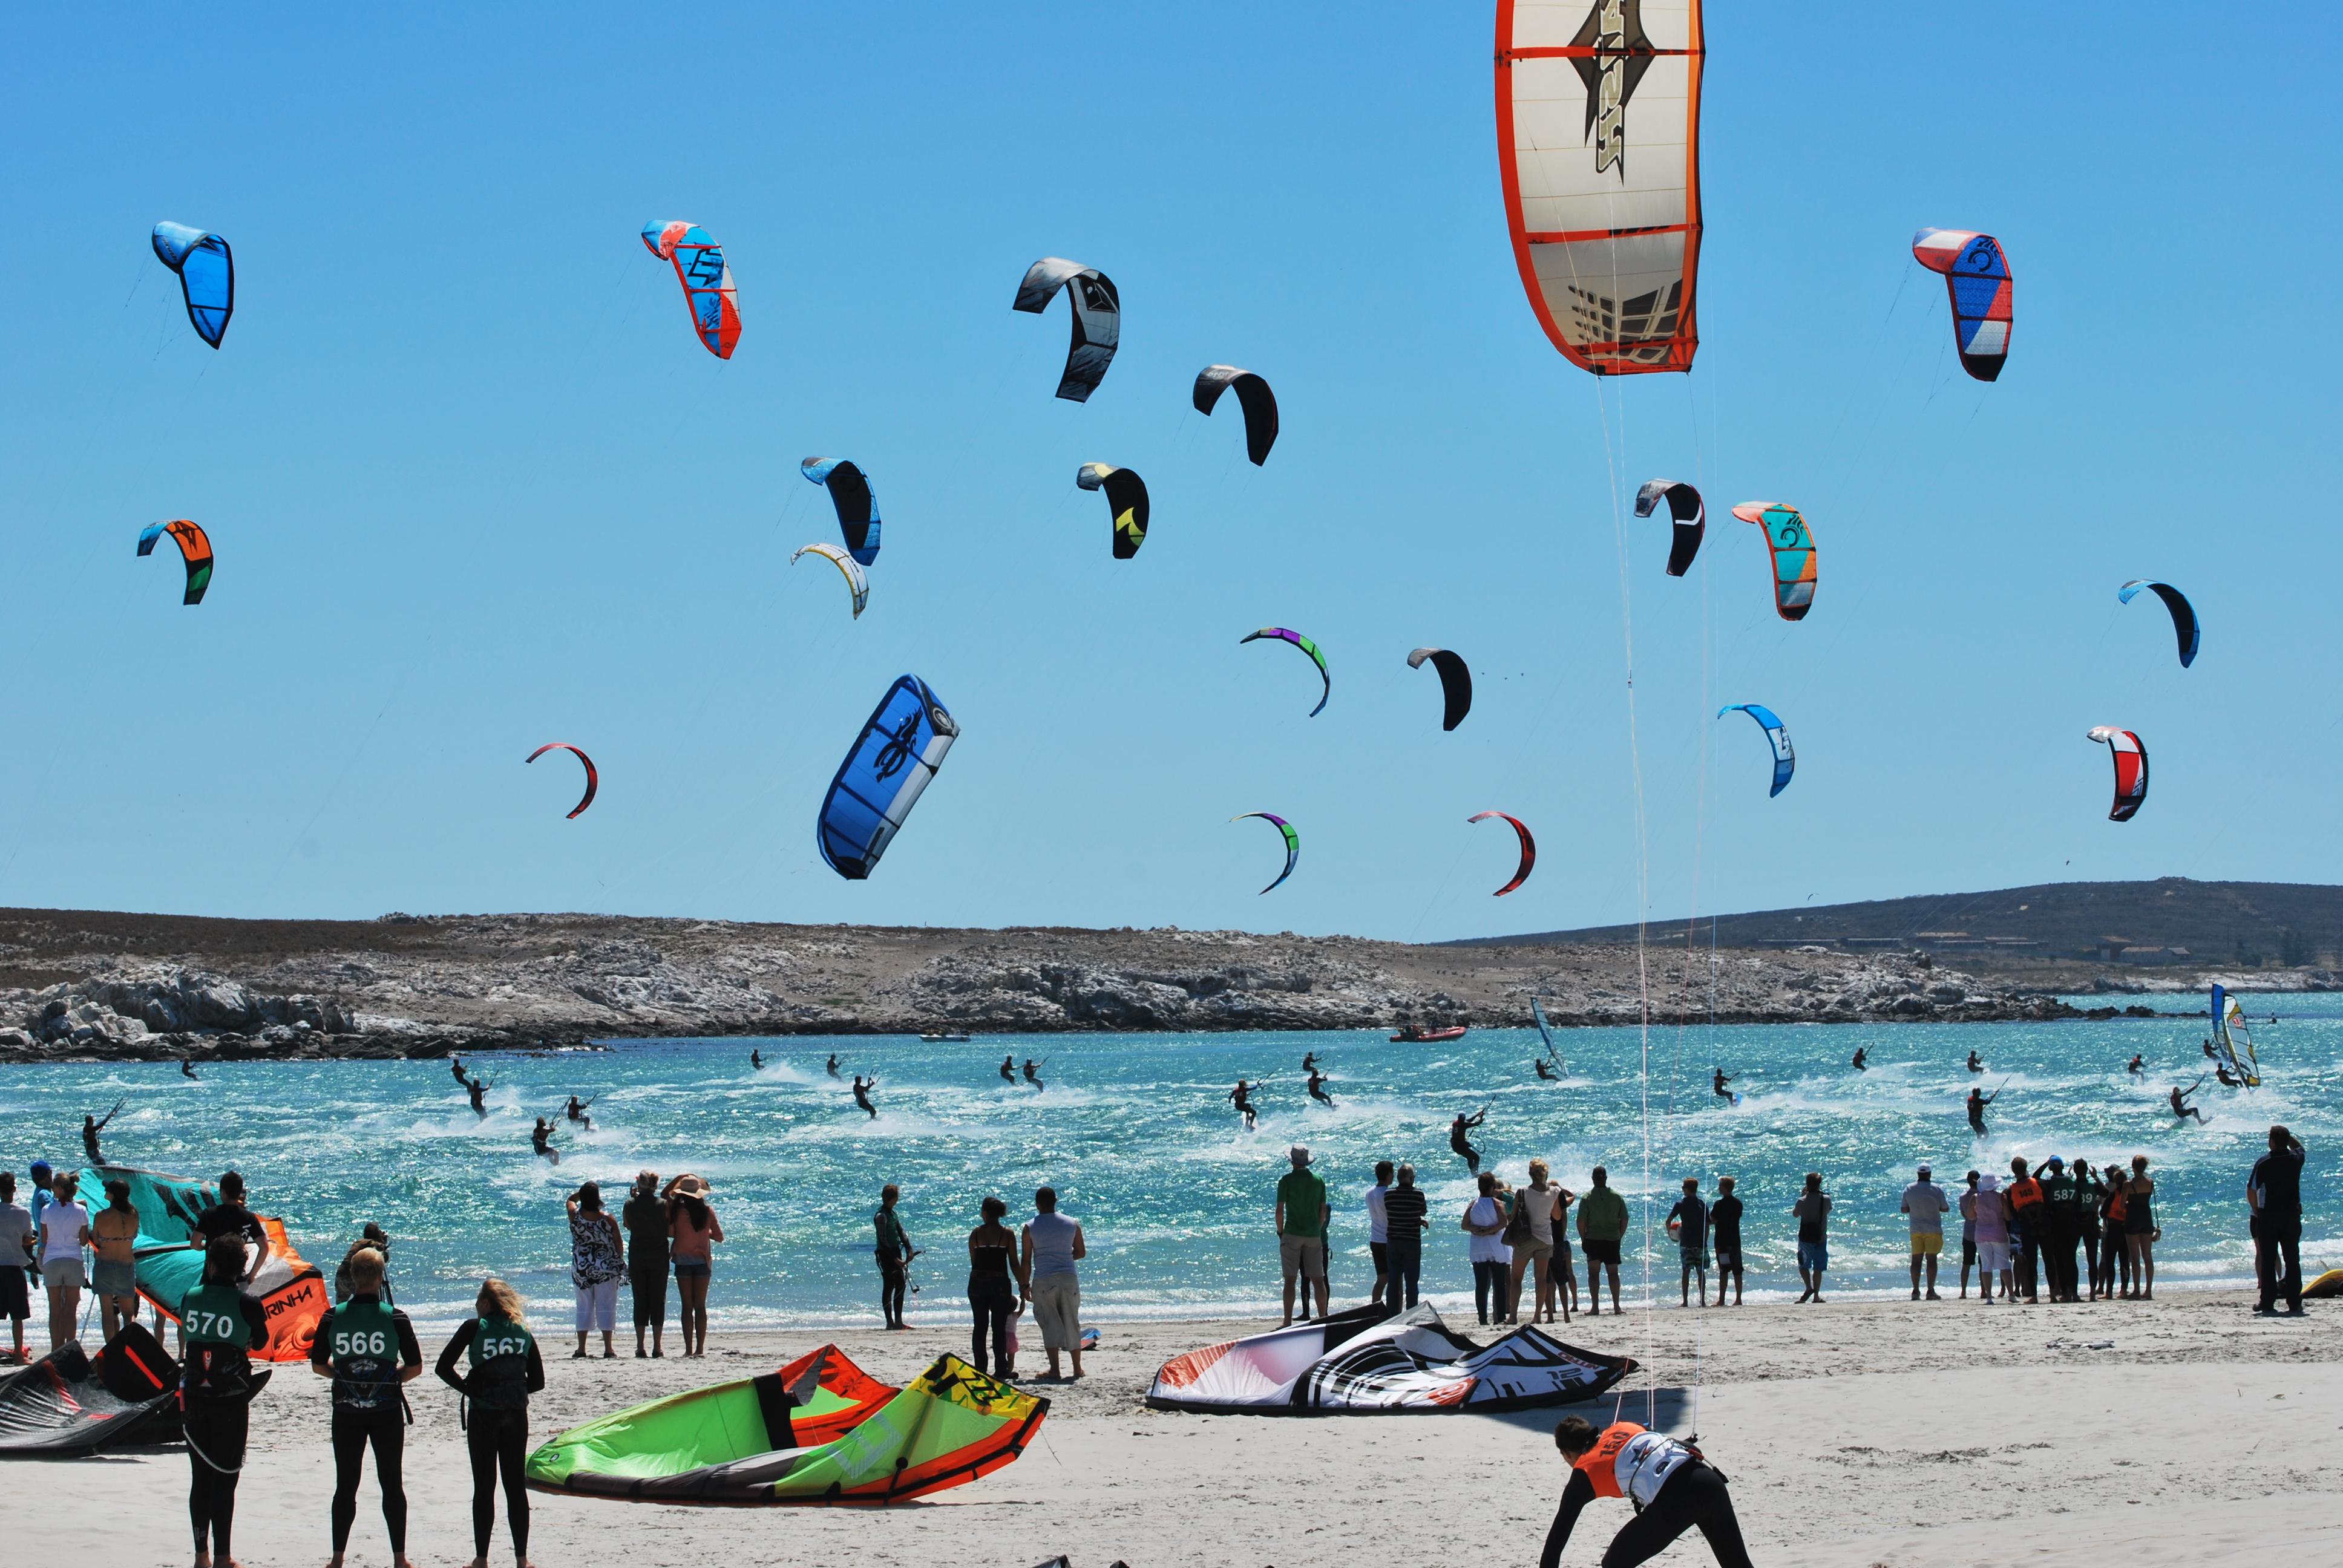 Langebaan-Kitesurfing-contest-LARGE